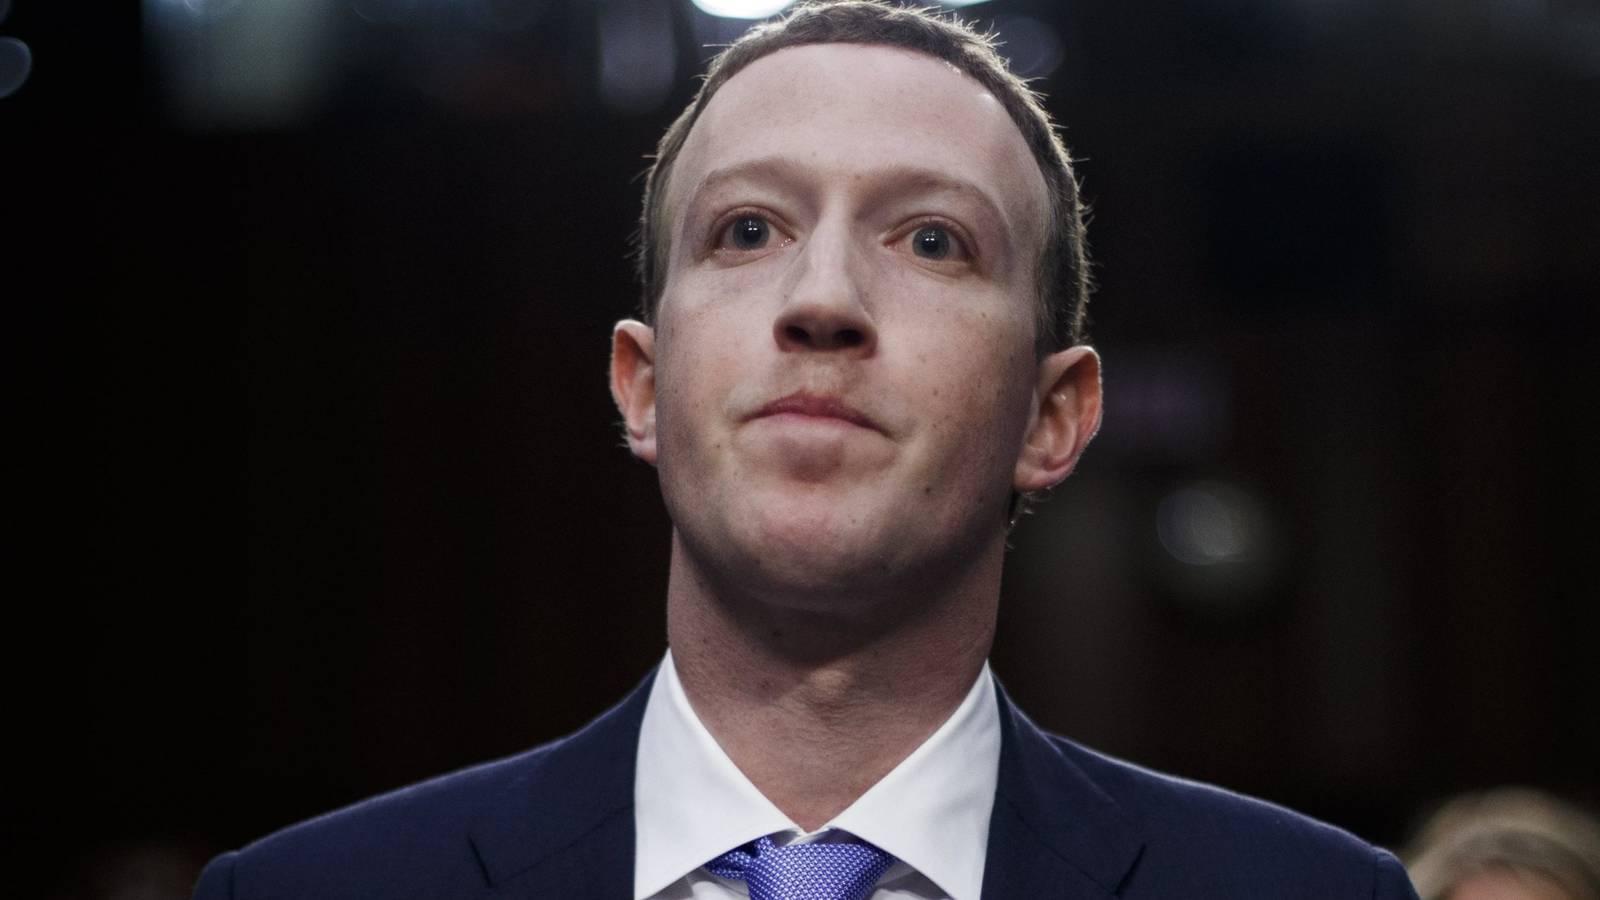 Los datos del propio Mark Zuckerberg fueron filtrados en Internet.